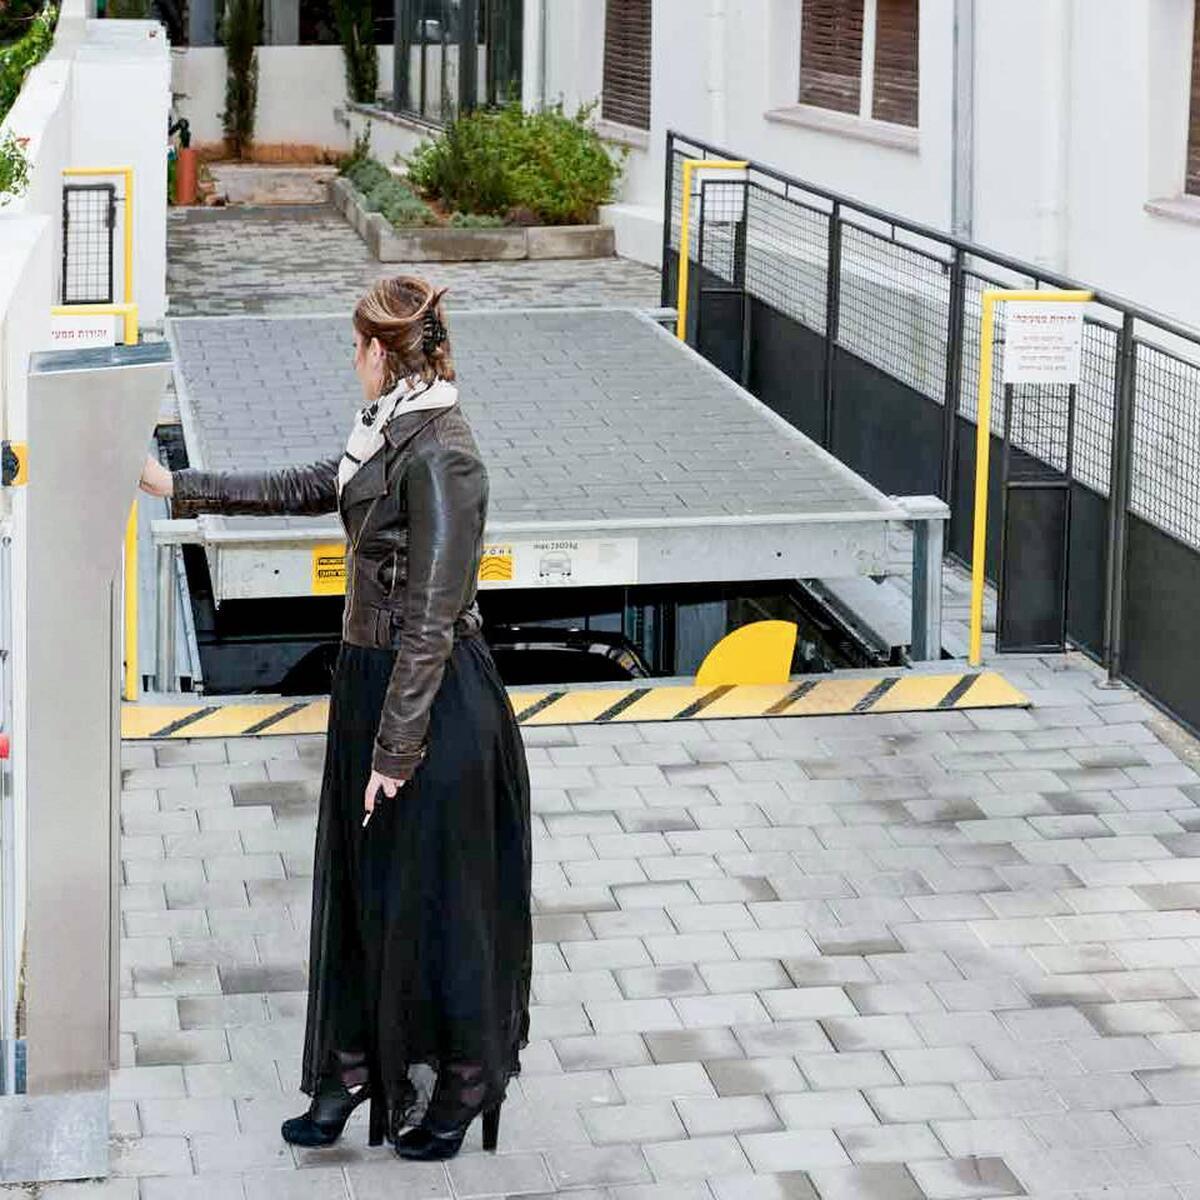 parcheggio automatizzato Slimparker per spazi ristretti